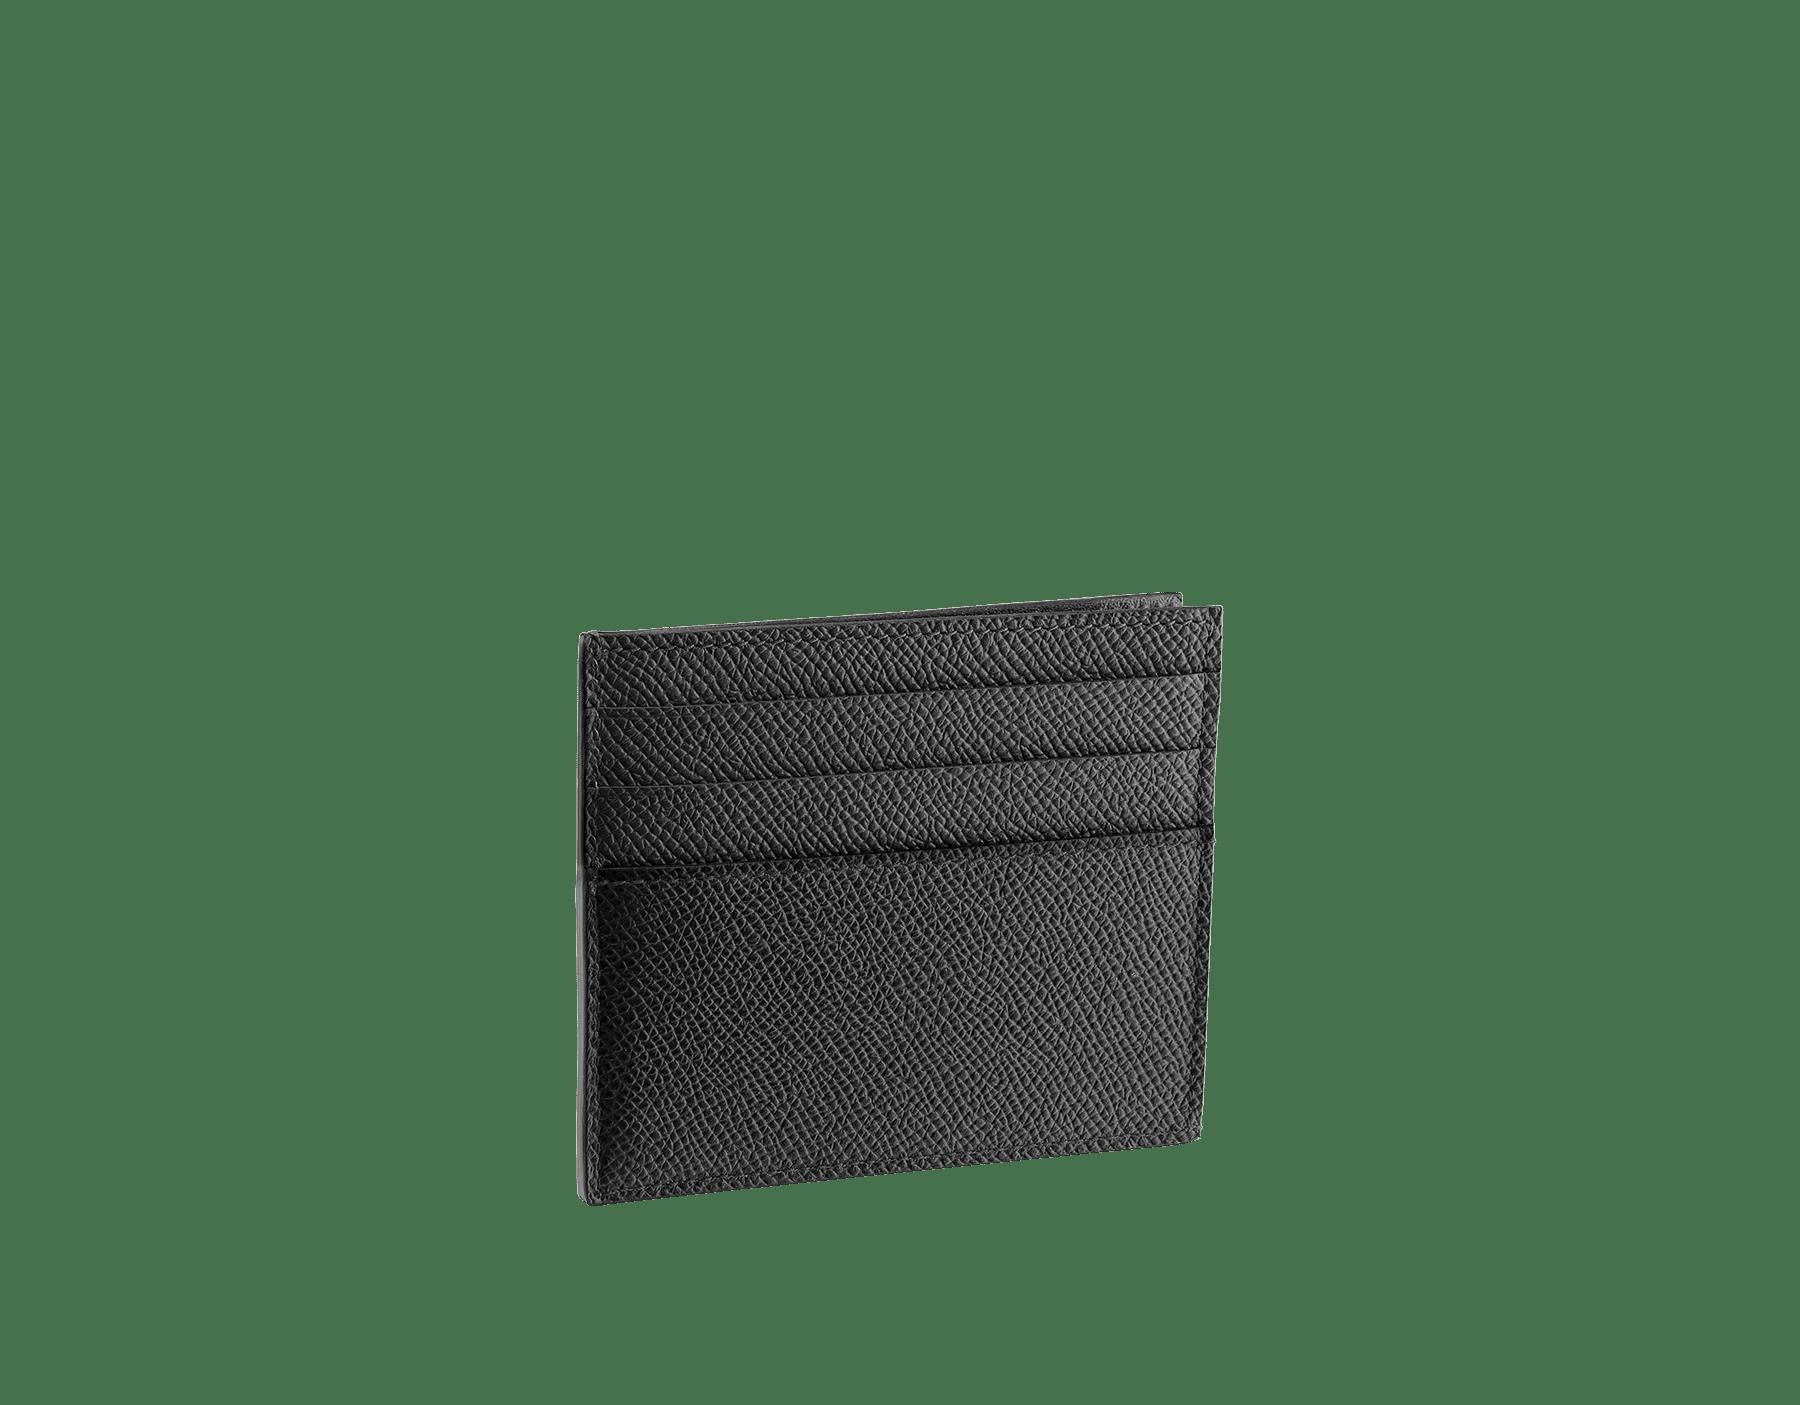 Открытый футляр для кредитных карт BVLGARI BVLGARI, зерненая кожа теленка черного цвета, подкладка из кожи наппа черного цвета. Фирменный декор в виде логотипа из латуни с палладиевым покрытием. 288524 image 2